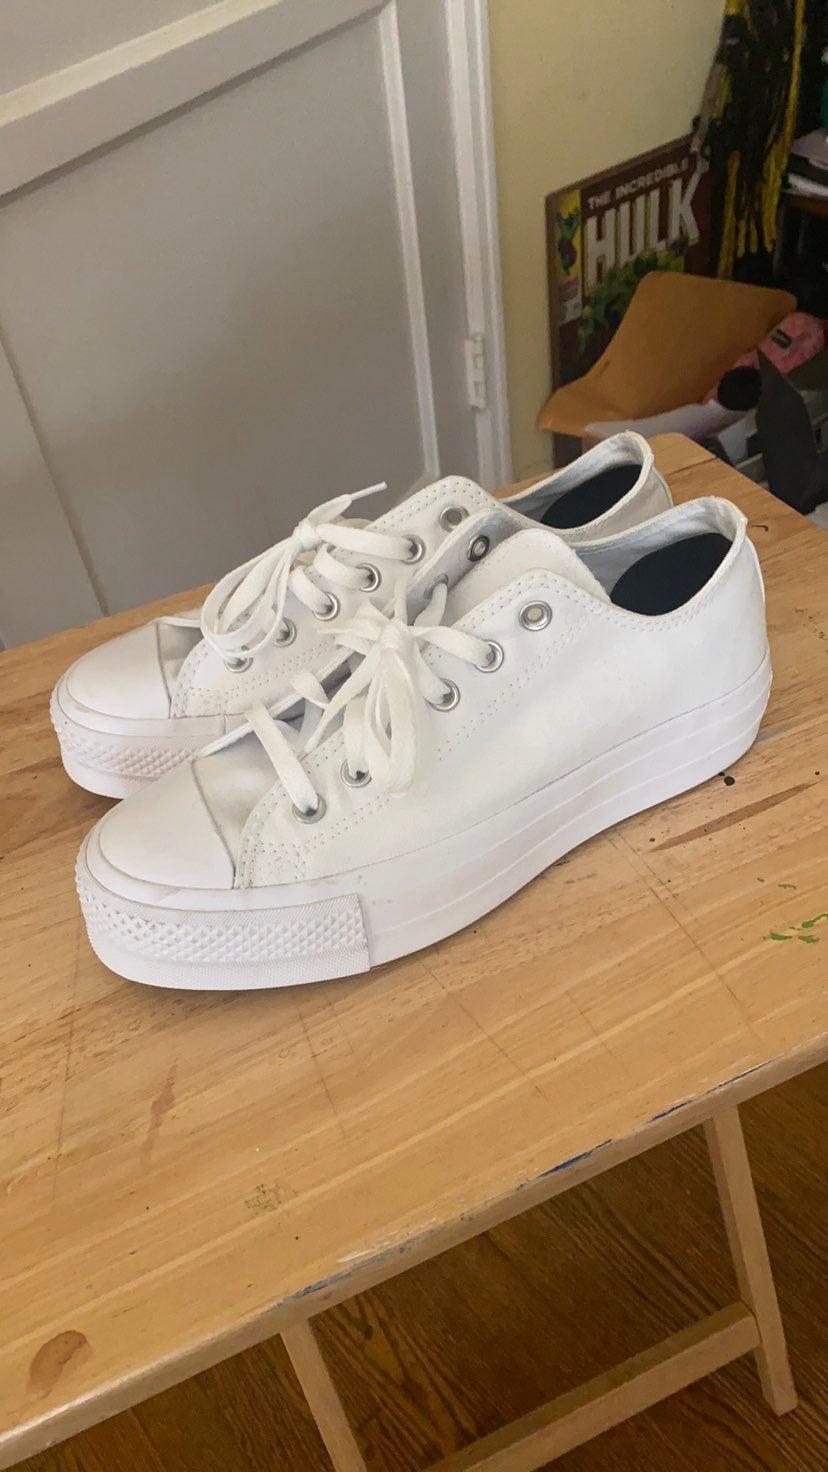 Converse Platform Shoes